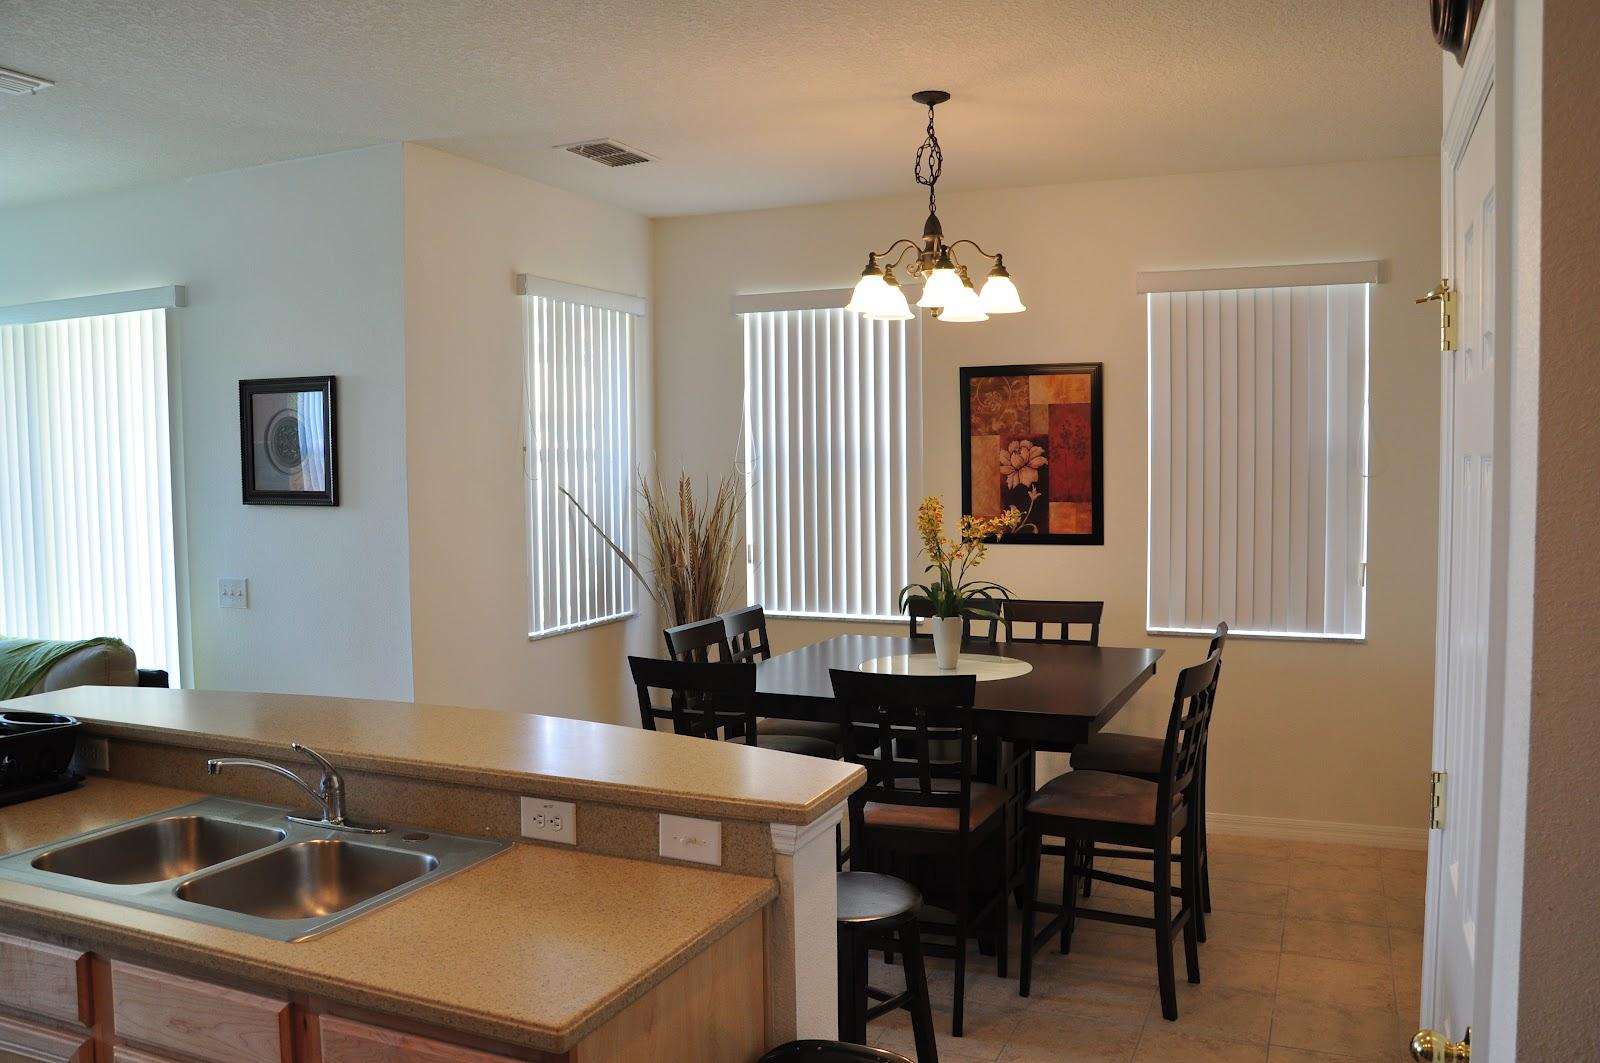 Cozinha E Sala De Jantar Integradas Pequenas Oppenau Info -> Cozinha Integrada Com Sala De Jantar Pequena